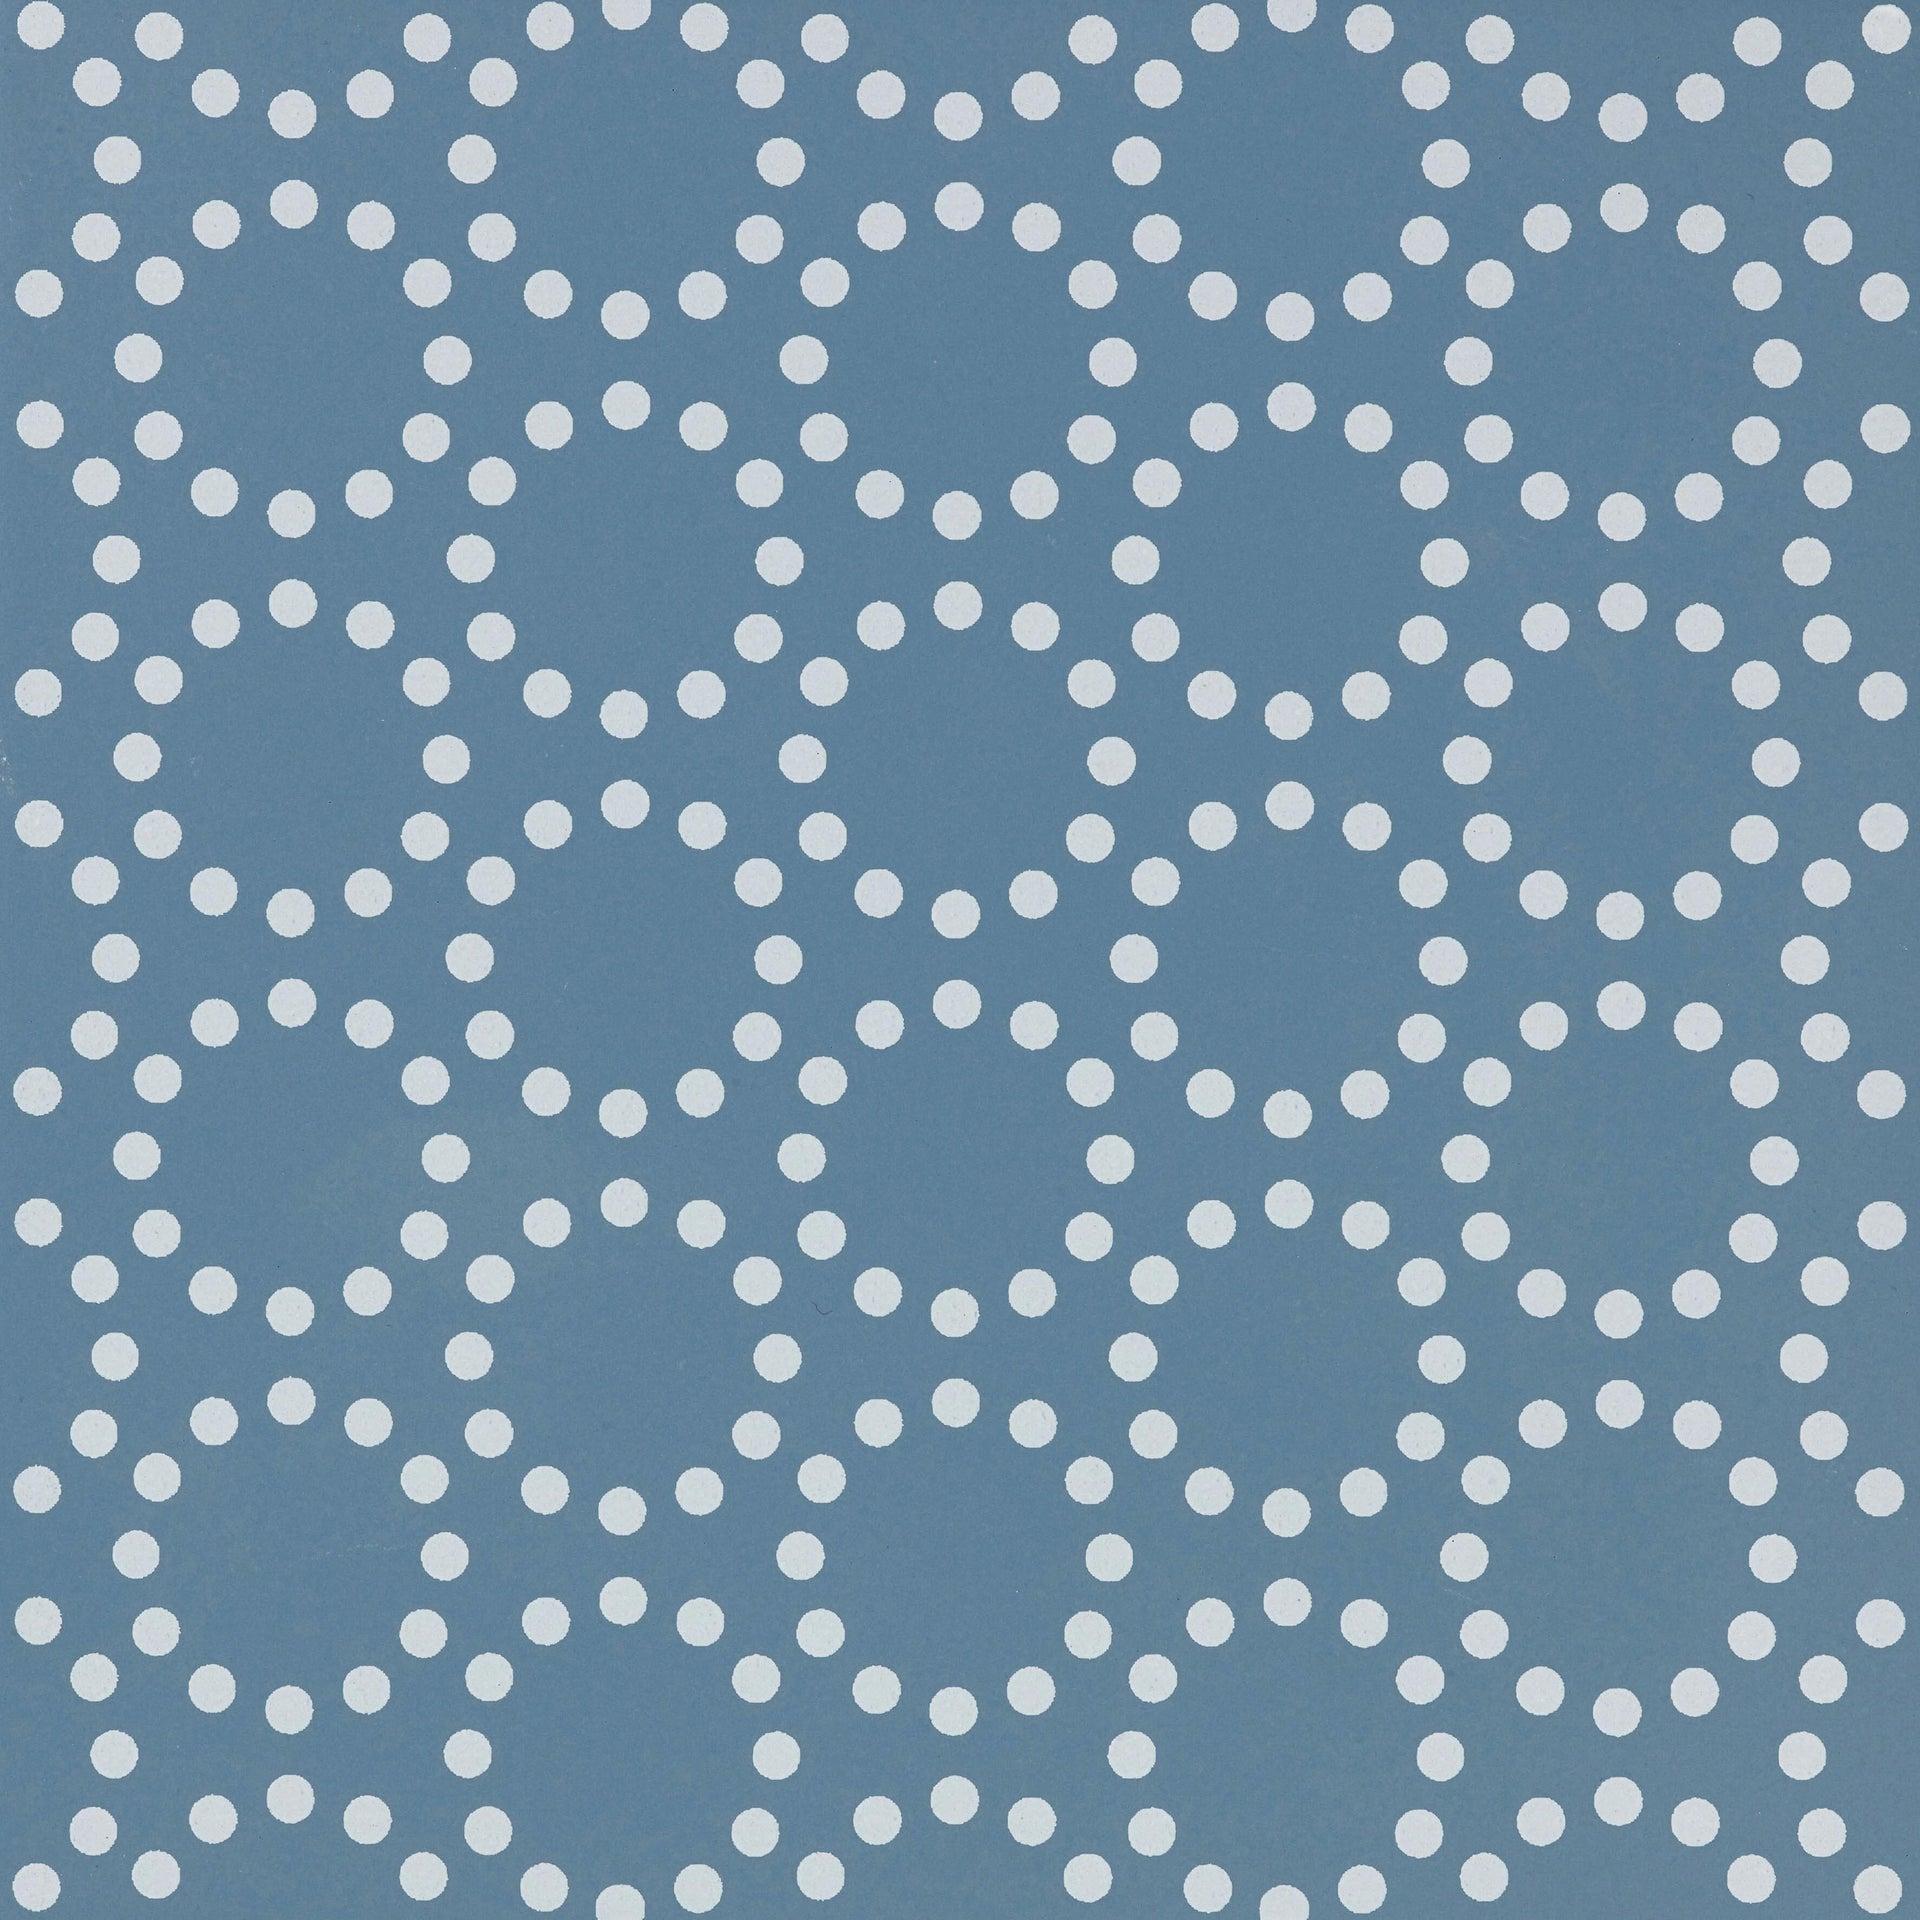 Piastrella decorativa Astuce 20 x 20 cm sp. 6.5 mm blu - 2